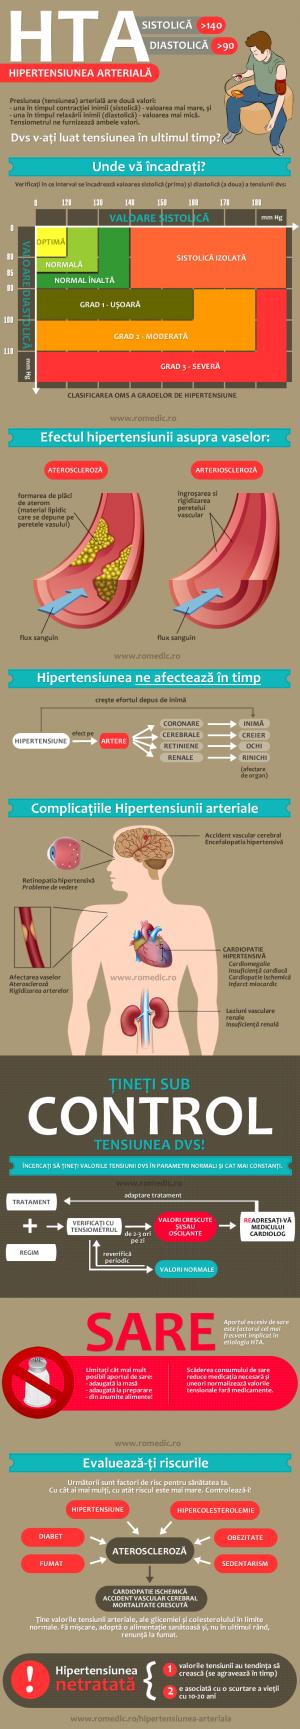 Hipertensiune - ghid pentru pacienti